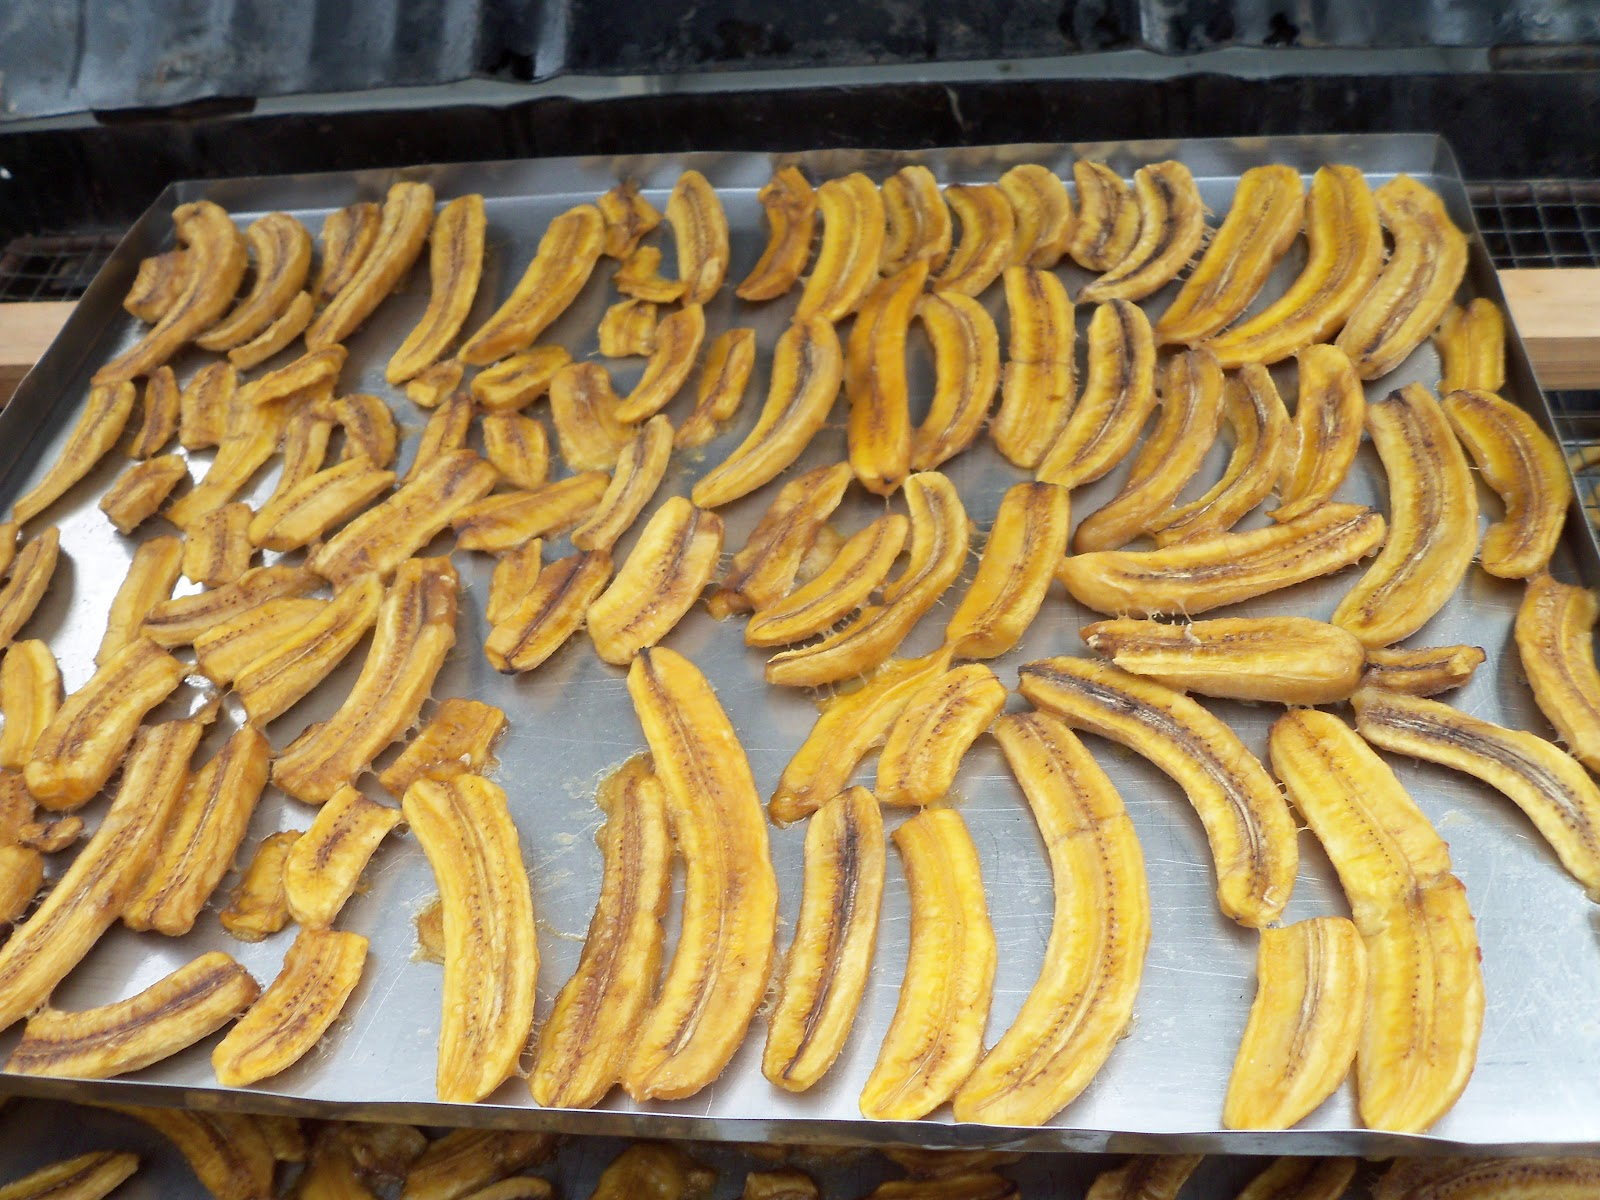 Almacen de bananas y banana para la nena - 2 part 3